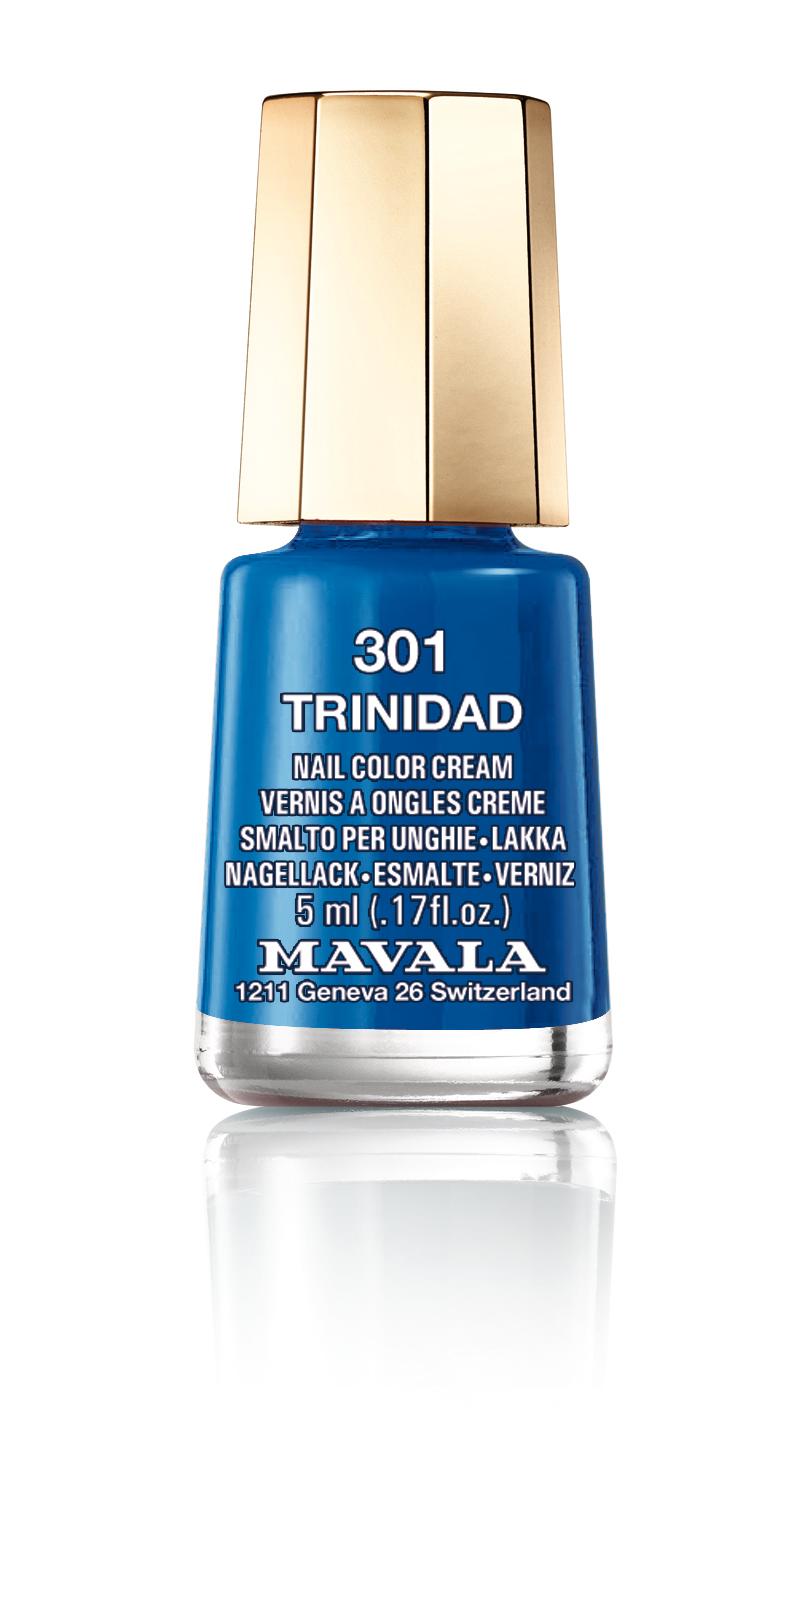 301 TRINIDAD